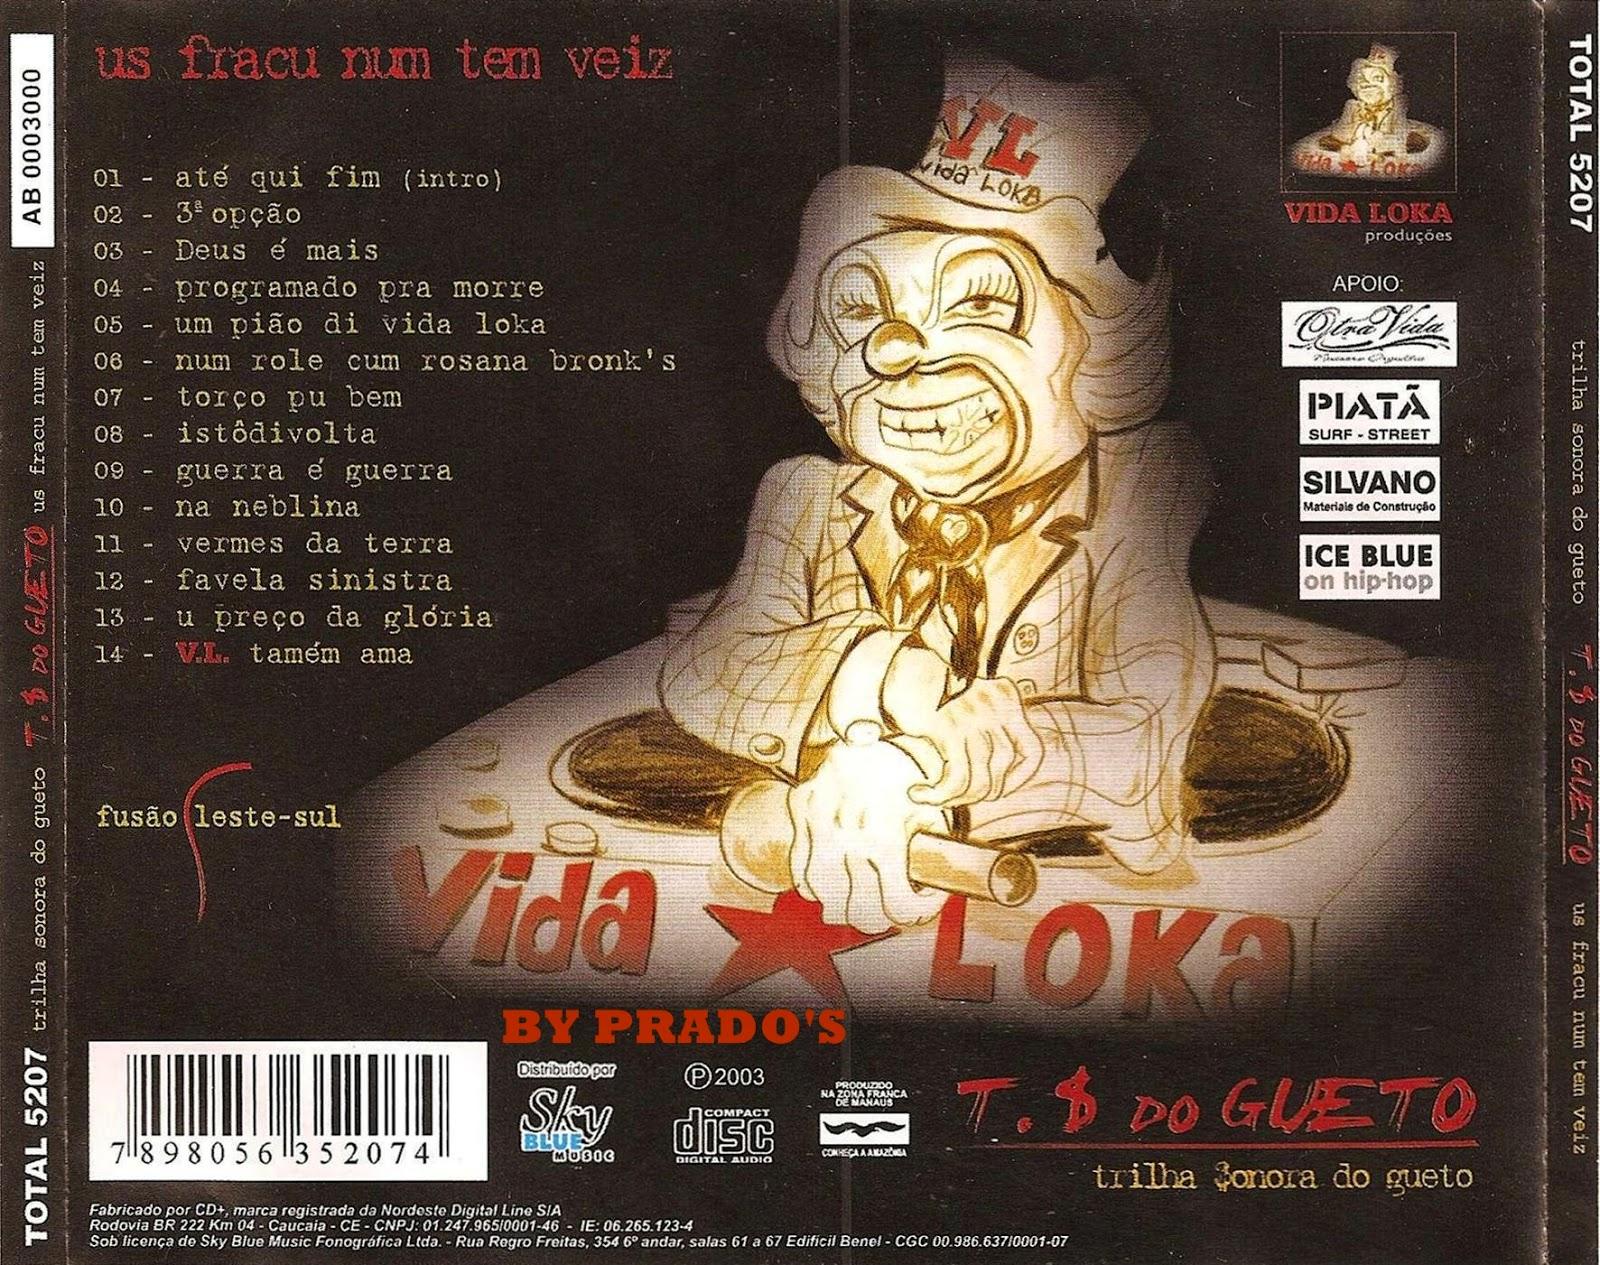 cd trilha sonora do gueto